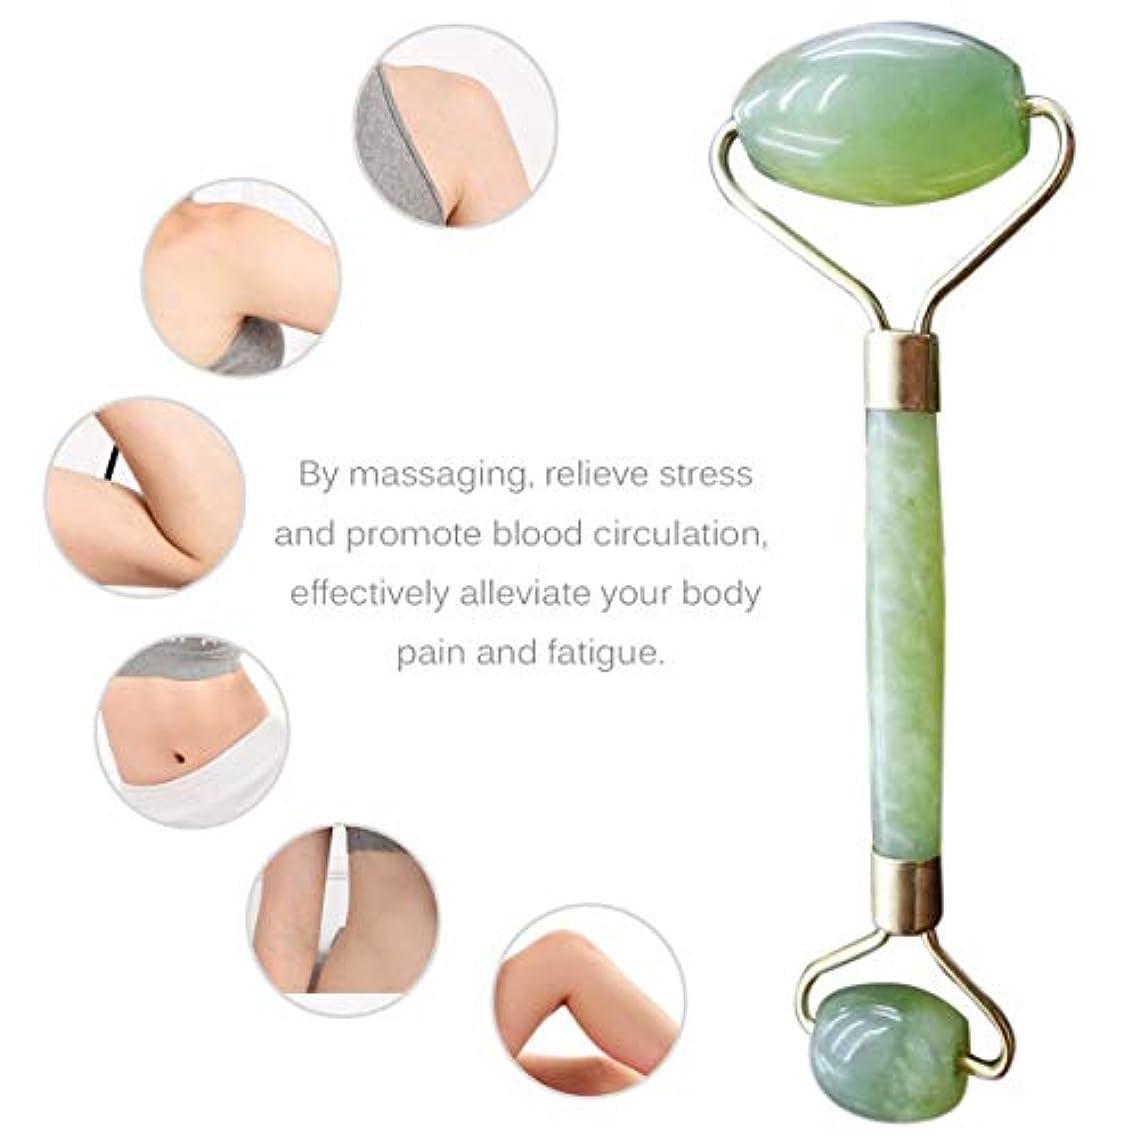 勇気のあるもインタフェースDouble Heads Natural Jade Face Care Massager Handheld Anti Wrinkle Healthy Face Body Foot Massage Tools Best Gift